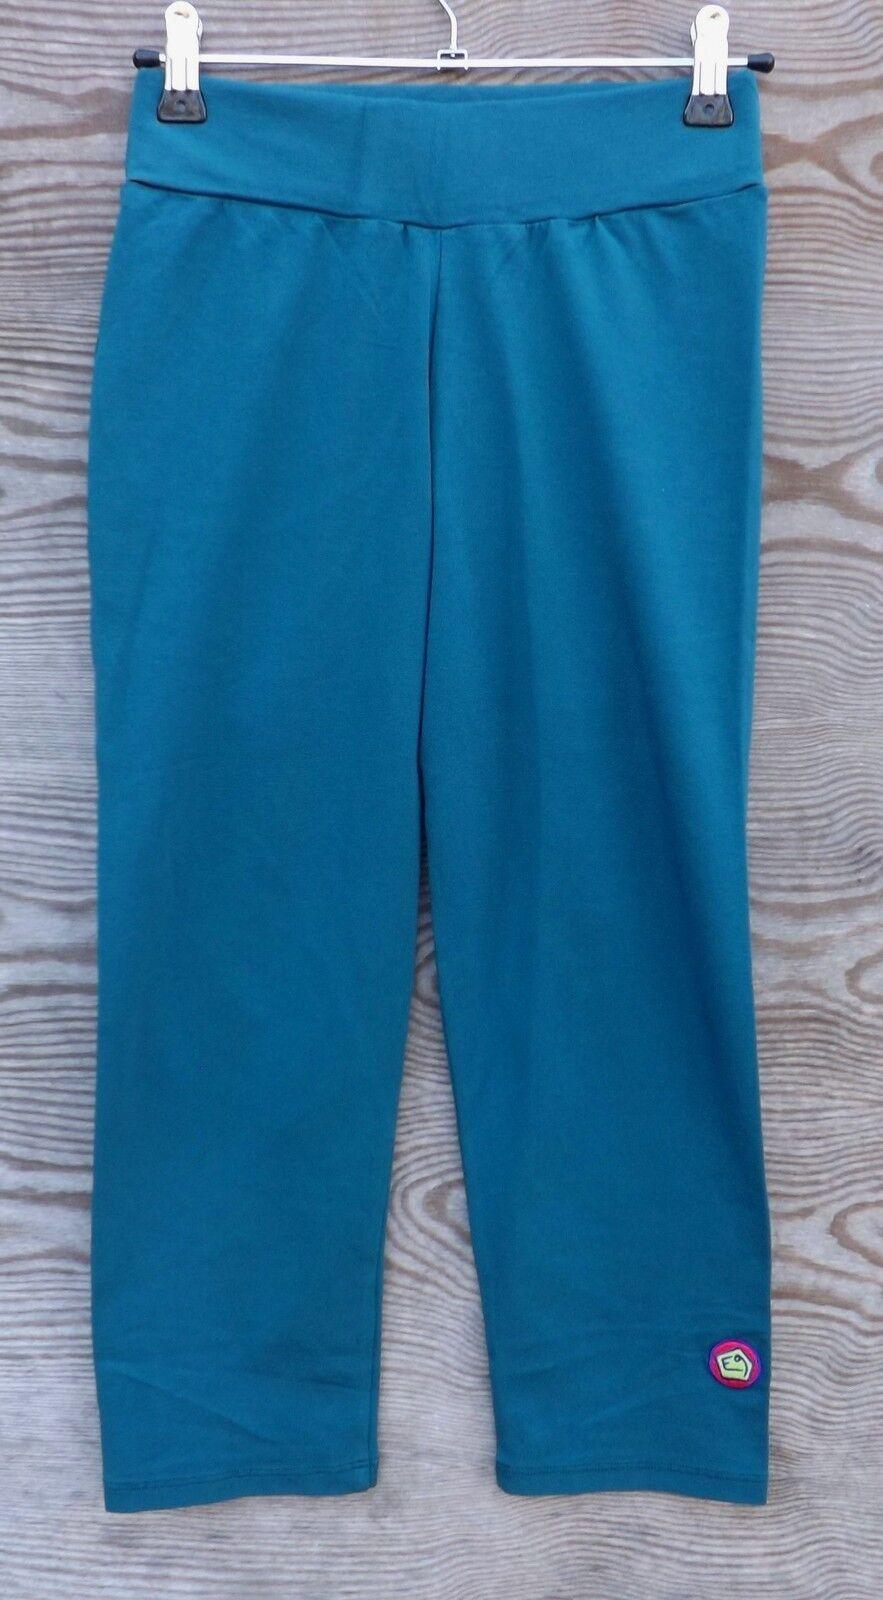 E9 Cucu Damens Pant, petrol, elastische Damenhose, Leggins